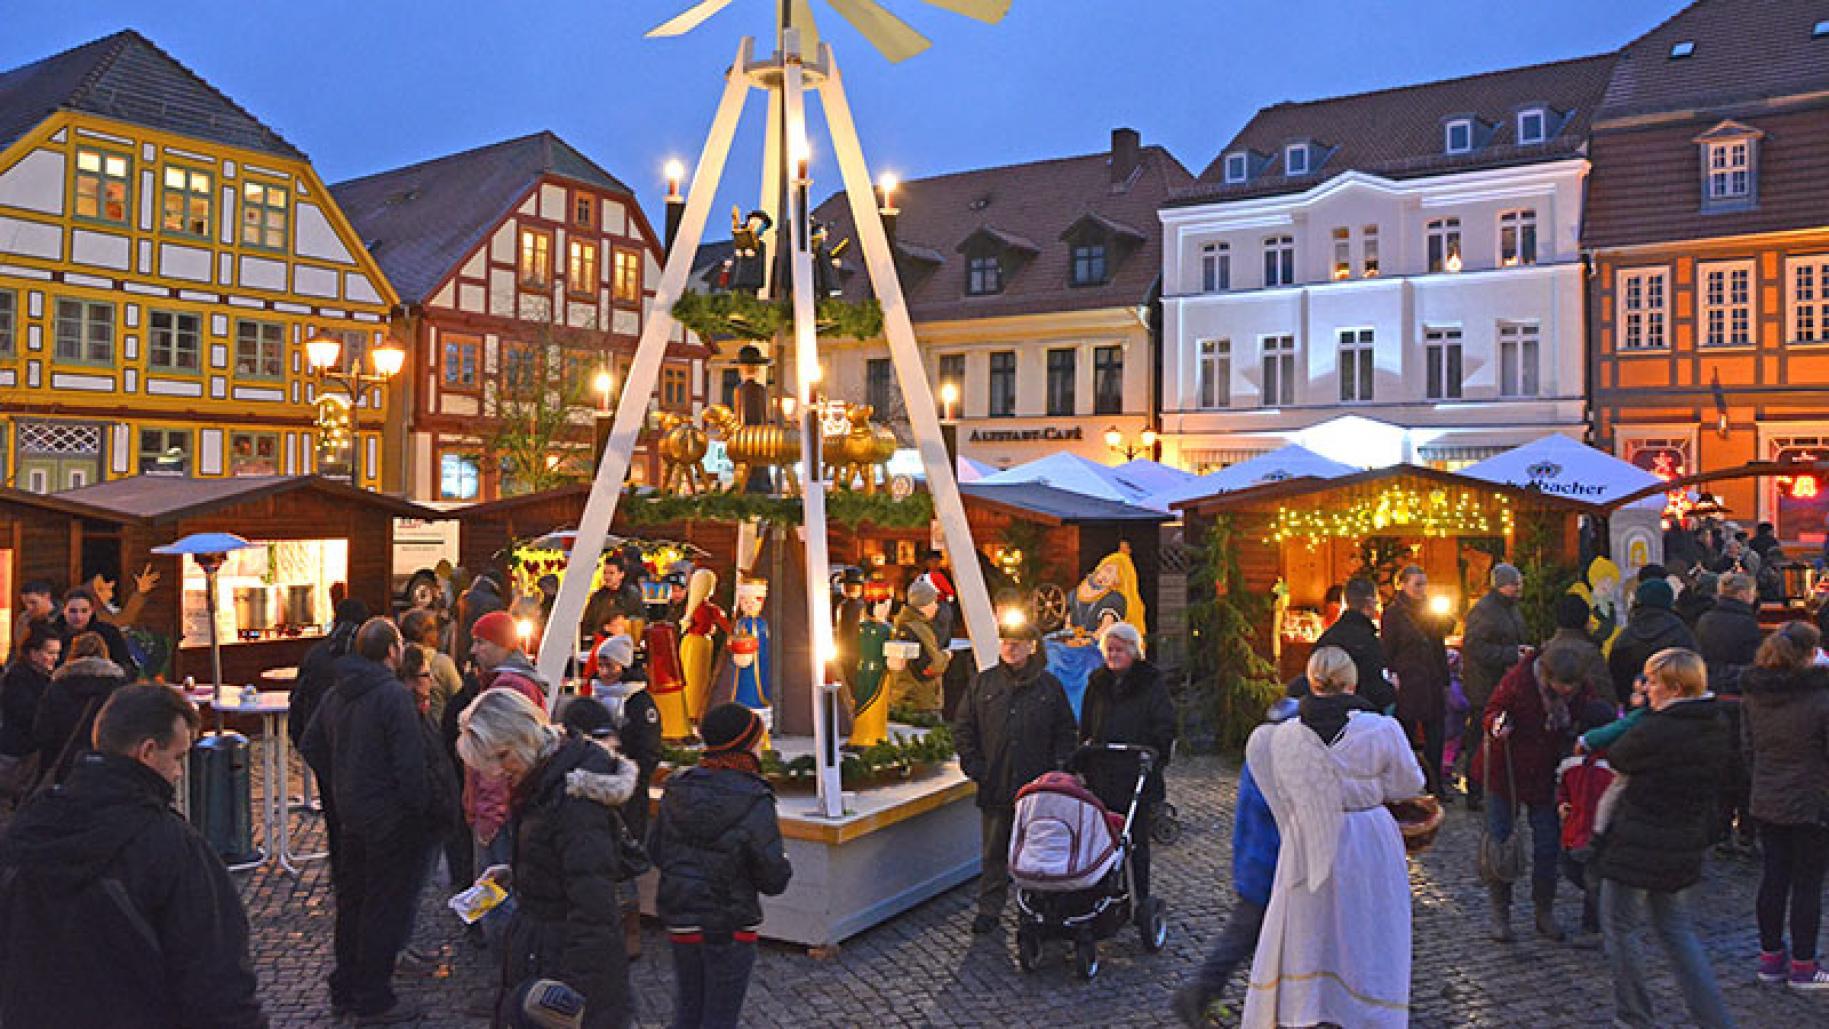 Weihnachtsmarkt Waren 2019.Weihnachtsmarkt In Waren Müritz Waren Tourismus